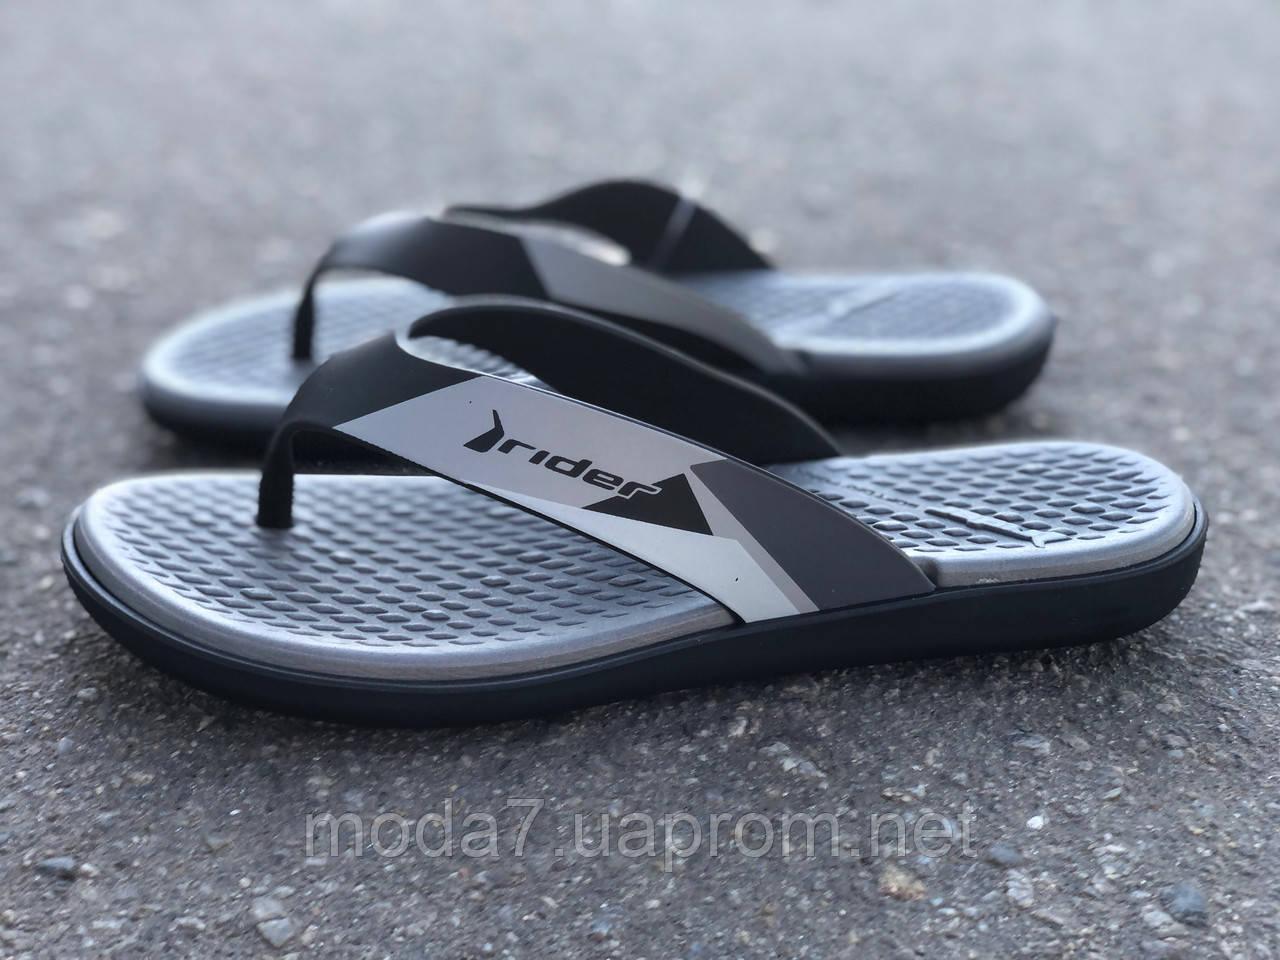 Вьетнамки RIDER Aqua Fem 82568 Black/Grey